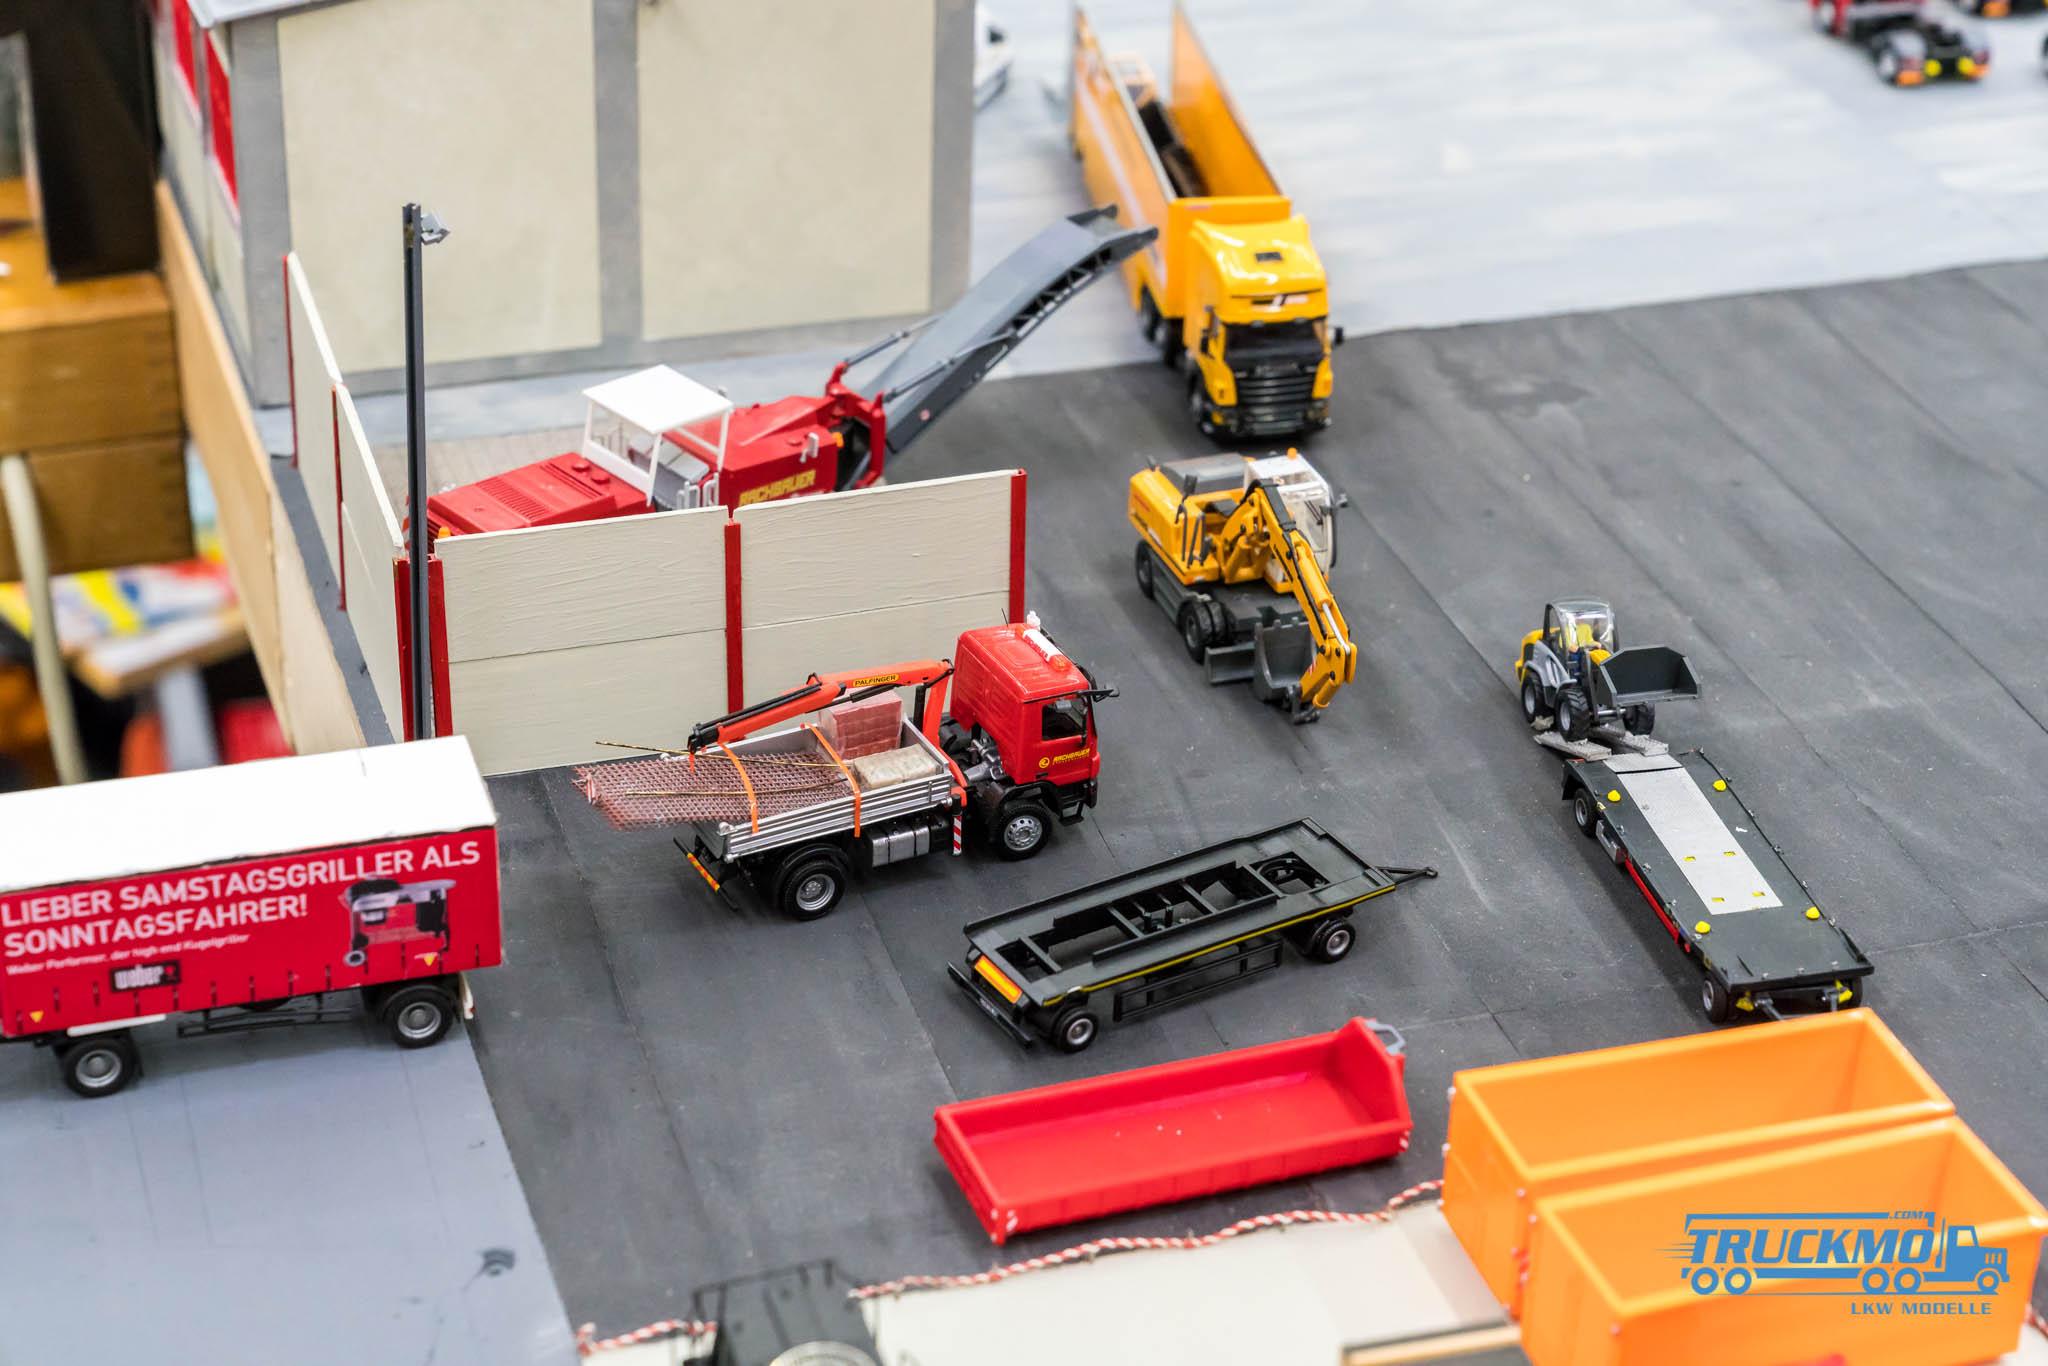 Truckmo_Modellbau_Ried_2017_Herpa_Messe_Modellbauausstellung (227 von 1177)